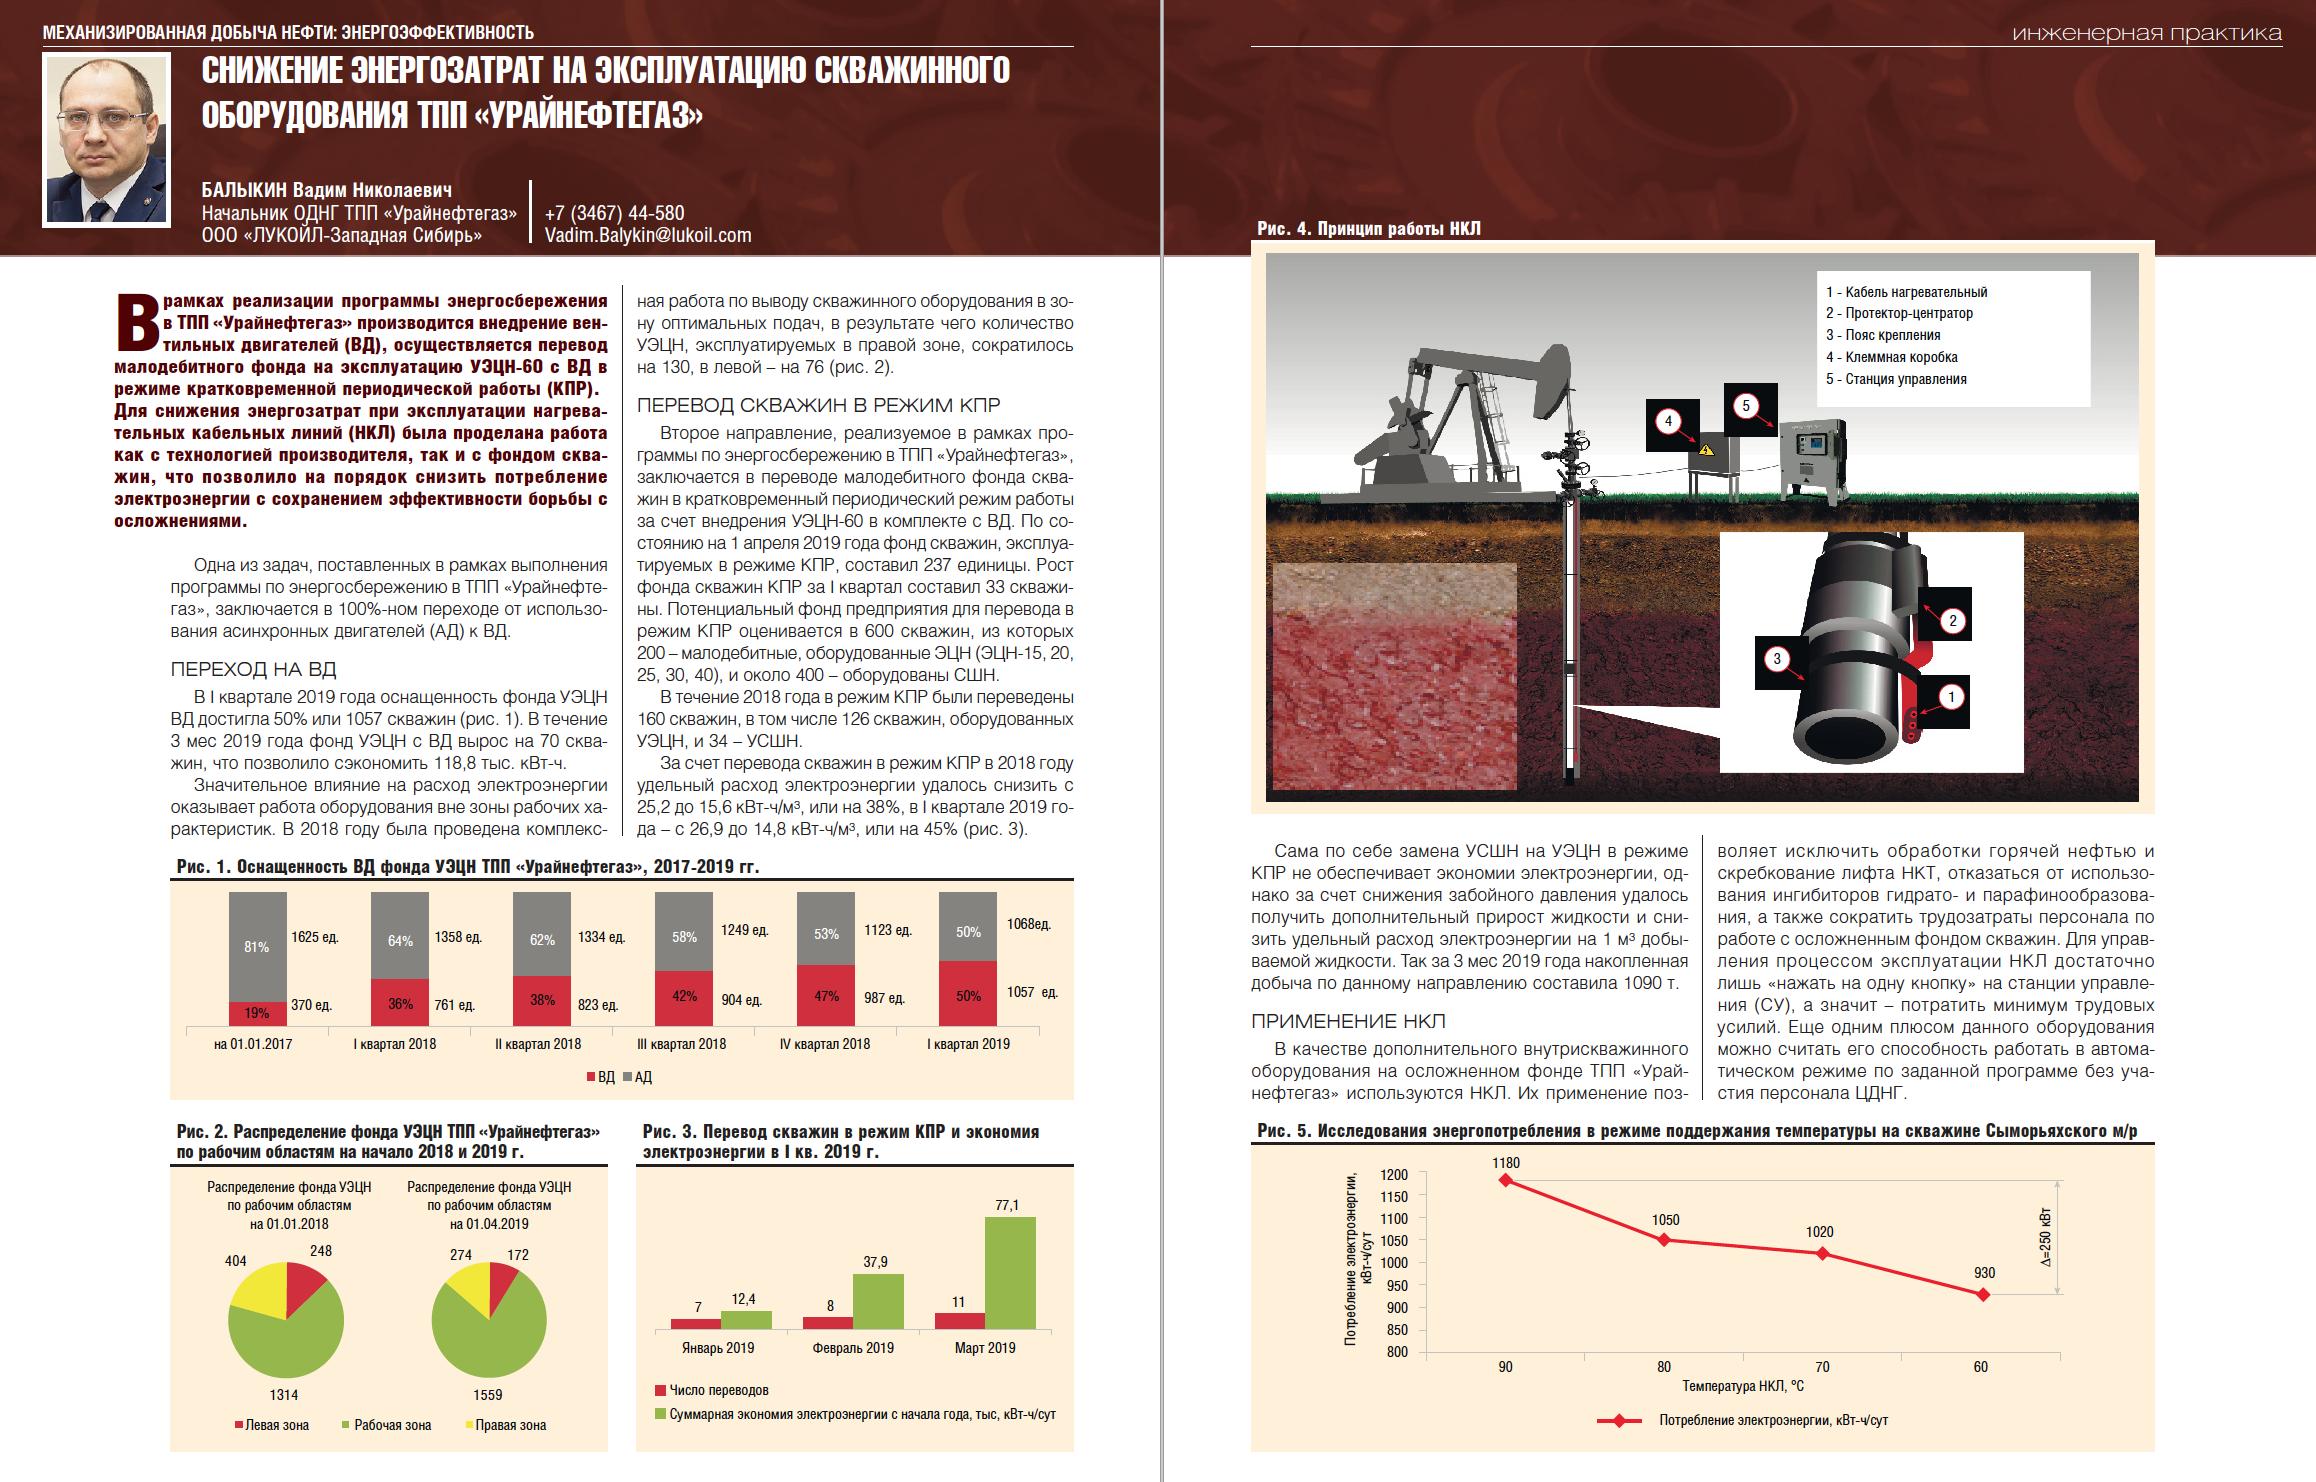 30923 Снижение энергозатрат на эксплуатацию скважинного оборудования ТПП «Урайнефтегаз»